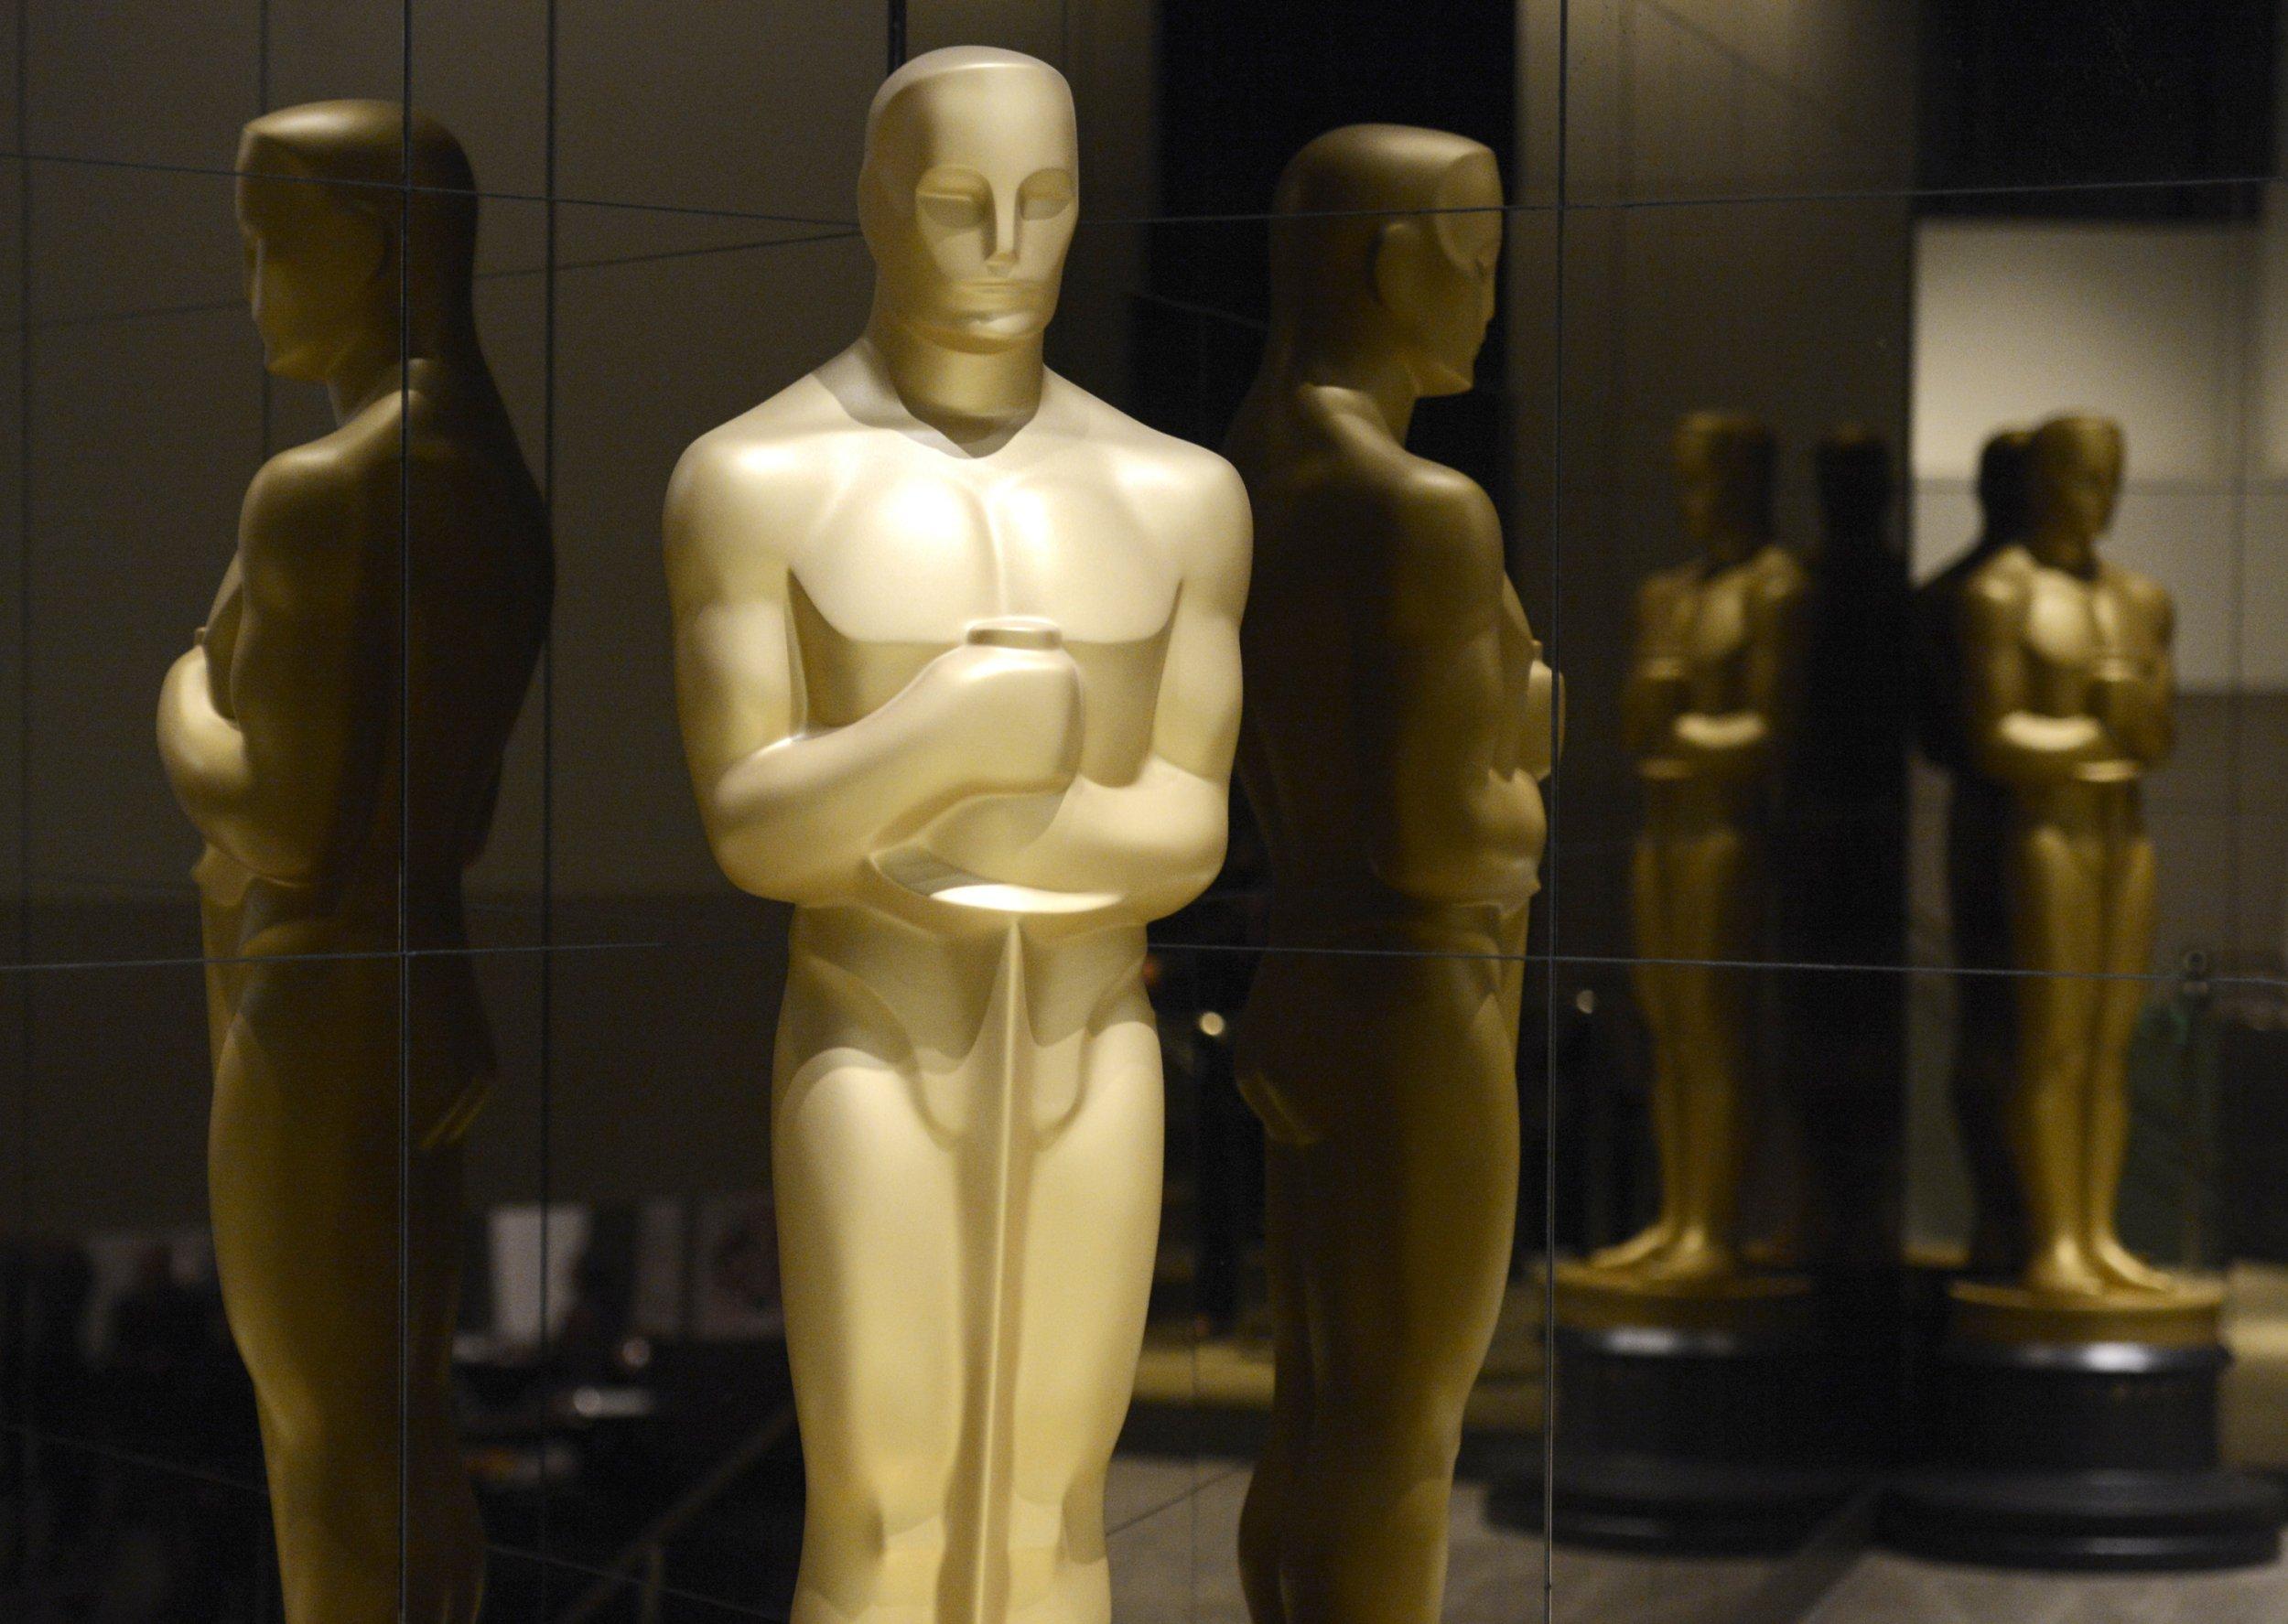 2-9-16 Oscar statuette